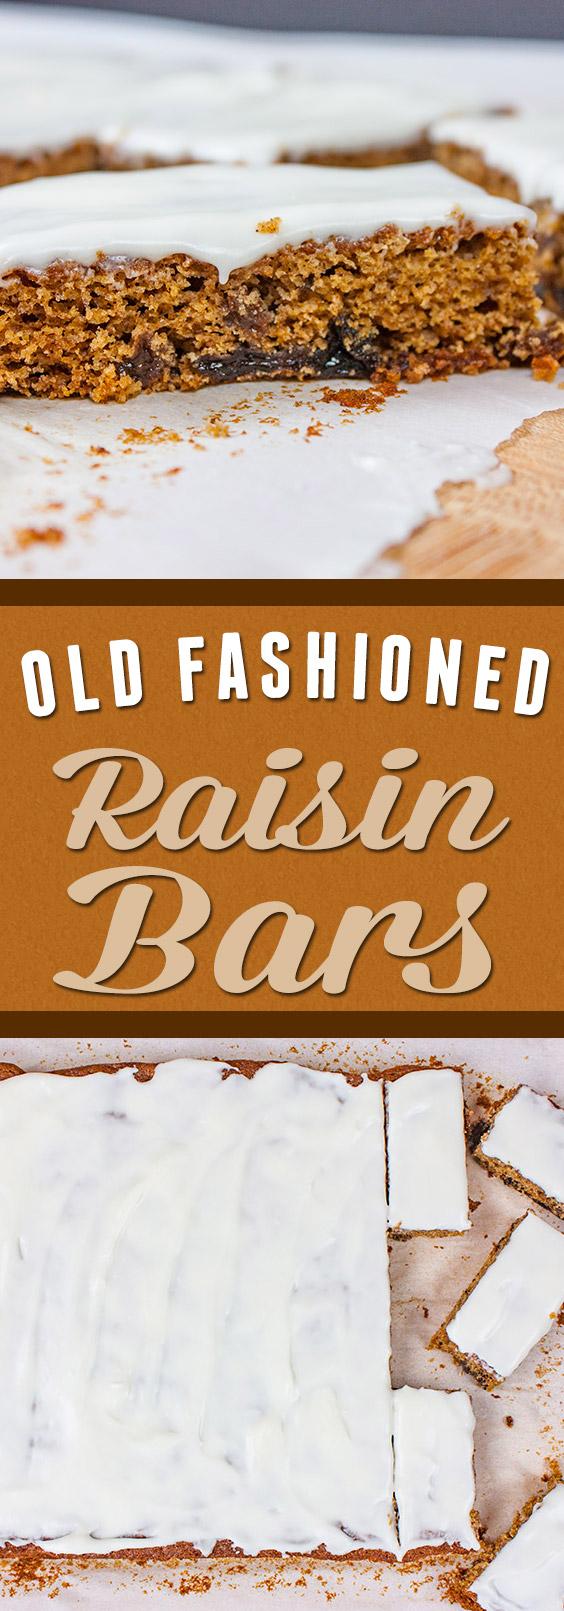 Old Fashioned Raisin Bars Recipe Clipping « m 64